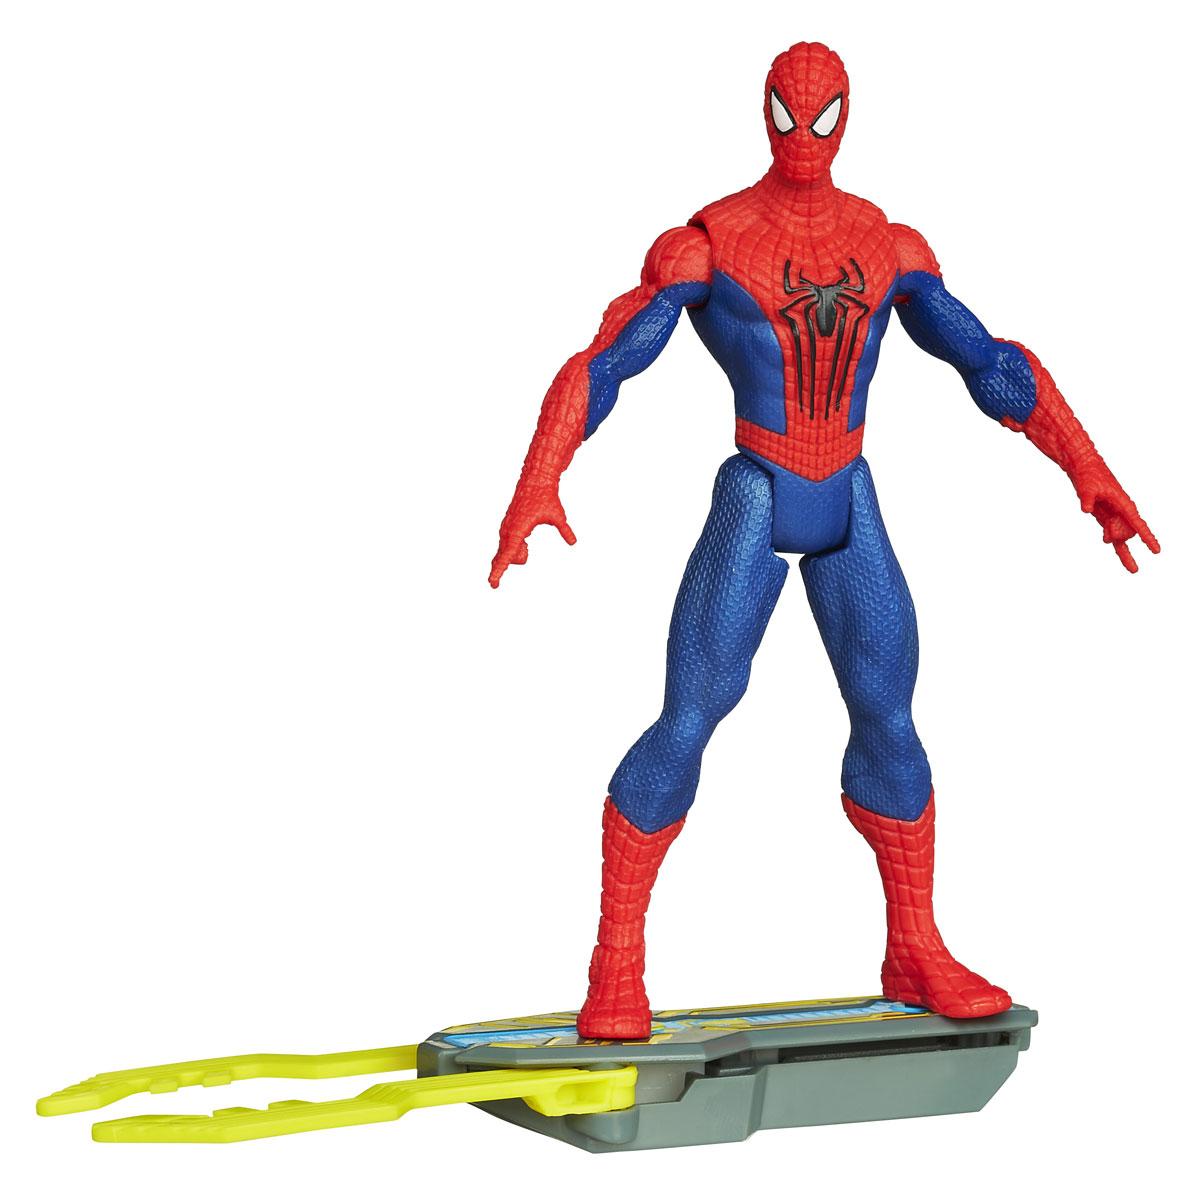 Фигурка Spider-man Spider Strike, 10,5 см. A5700_А5702A5700E27_3Фигурка Spider-man Spider Strike станет прекрасным подарком для вашего ребенка. Она выполнена из прочного яркого пластика в виде знаменитого супергероя - Человека-паука. Голова, руки и ноги фигурки подвижны, что позволит придавать Человеку-пауку различные позы. В комплект также входит его грозное оружие со встроенным магнитом, раскладывающееся при прикосновении к ноге фигурки. Ваш ребенок будет часами играть с этой фигуркой, придумывая различные истории с участием любимого героя. Человек-паук - супергерой, получивший суперсилу, увеличенную ловкость, паучье чутье, а также способность держаться на отвесных поверхностях и выпускать паутину из рук. Теперь он готов наказать злодеев, которые покушаются но покой его родного города!